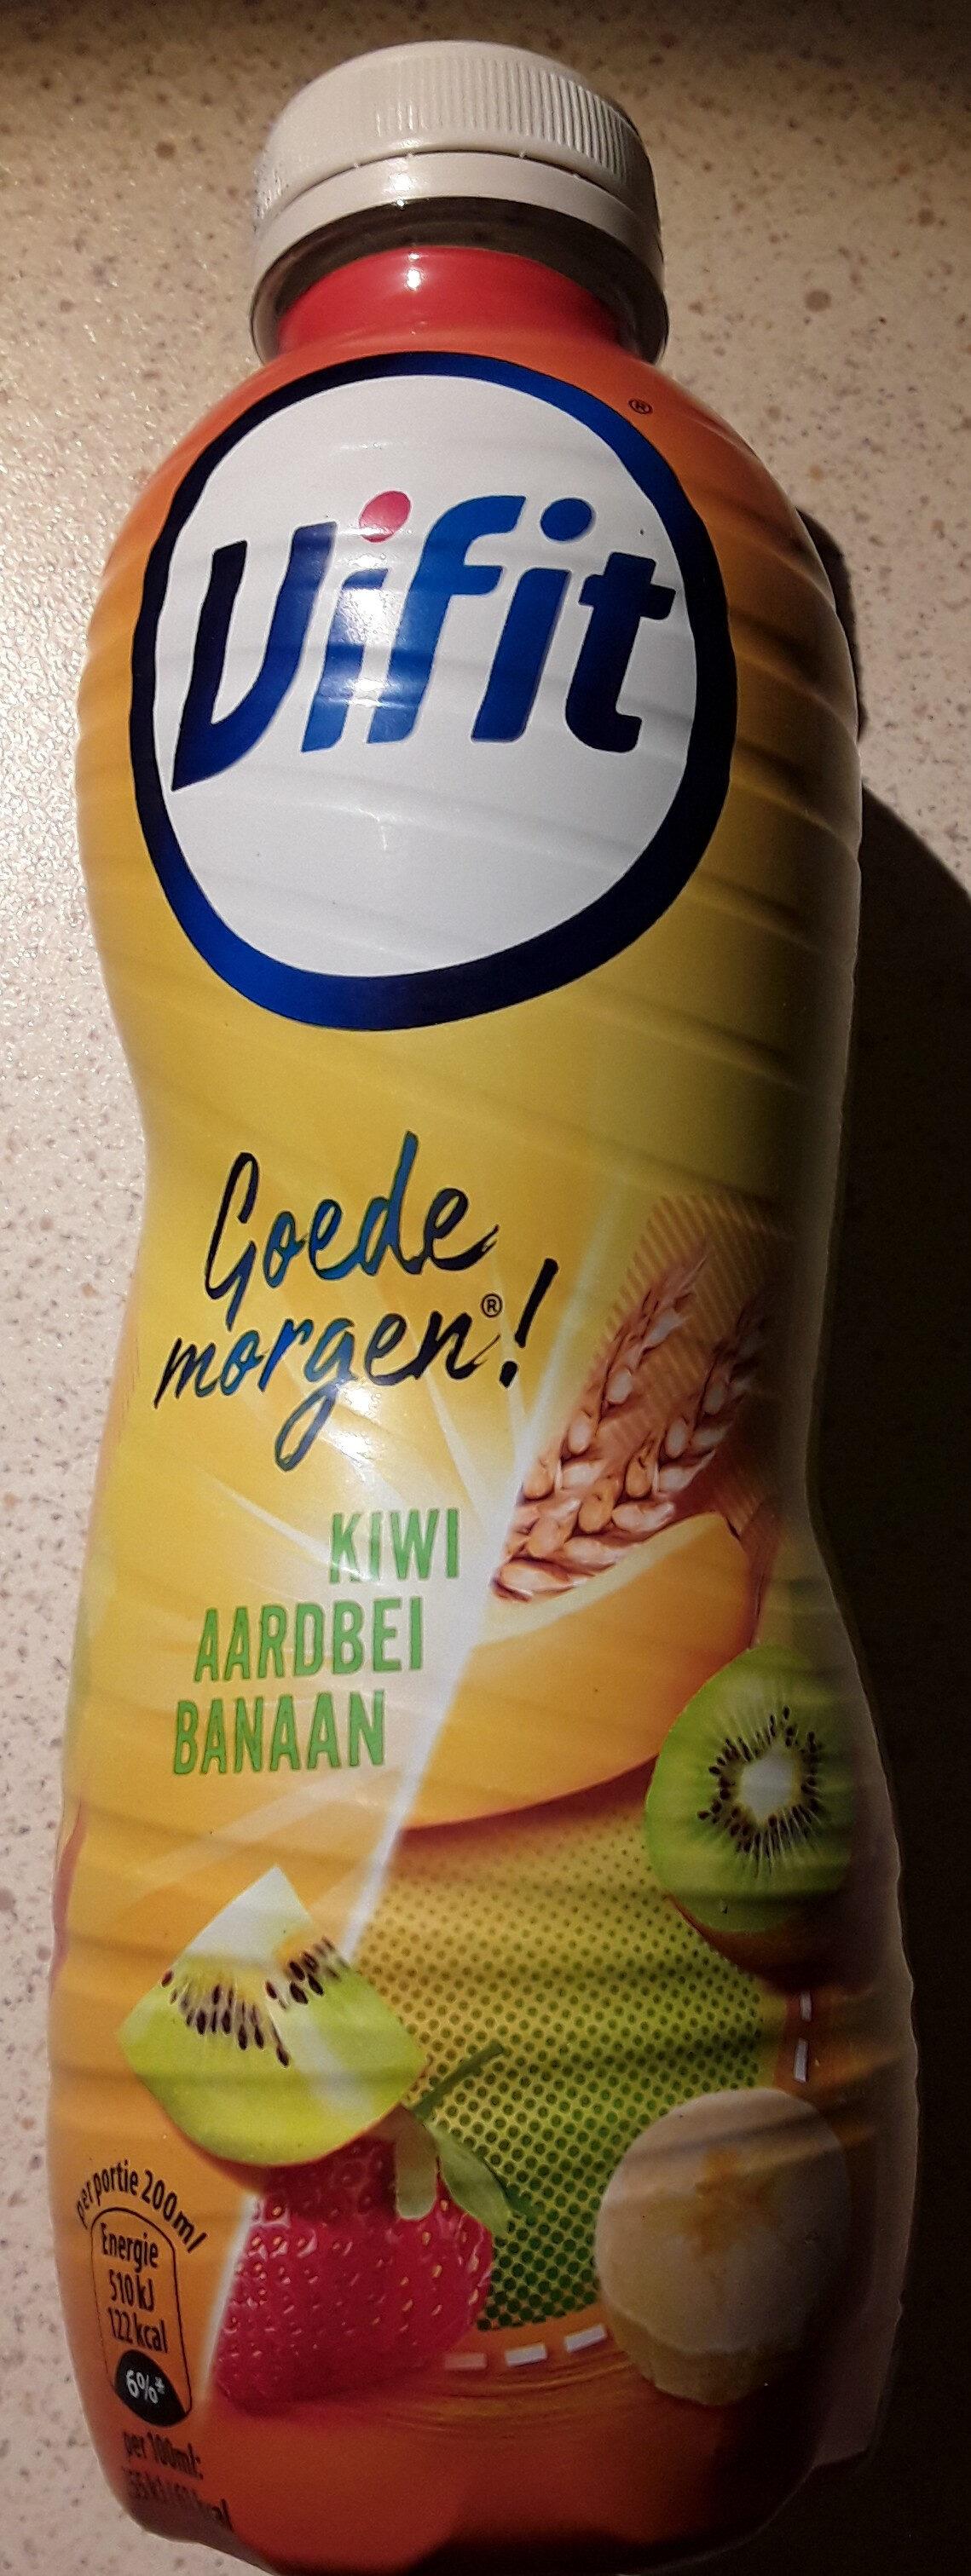 Vifit Goedemorgen! - Product - nl